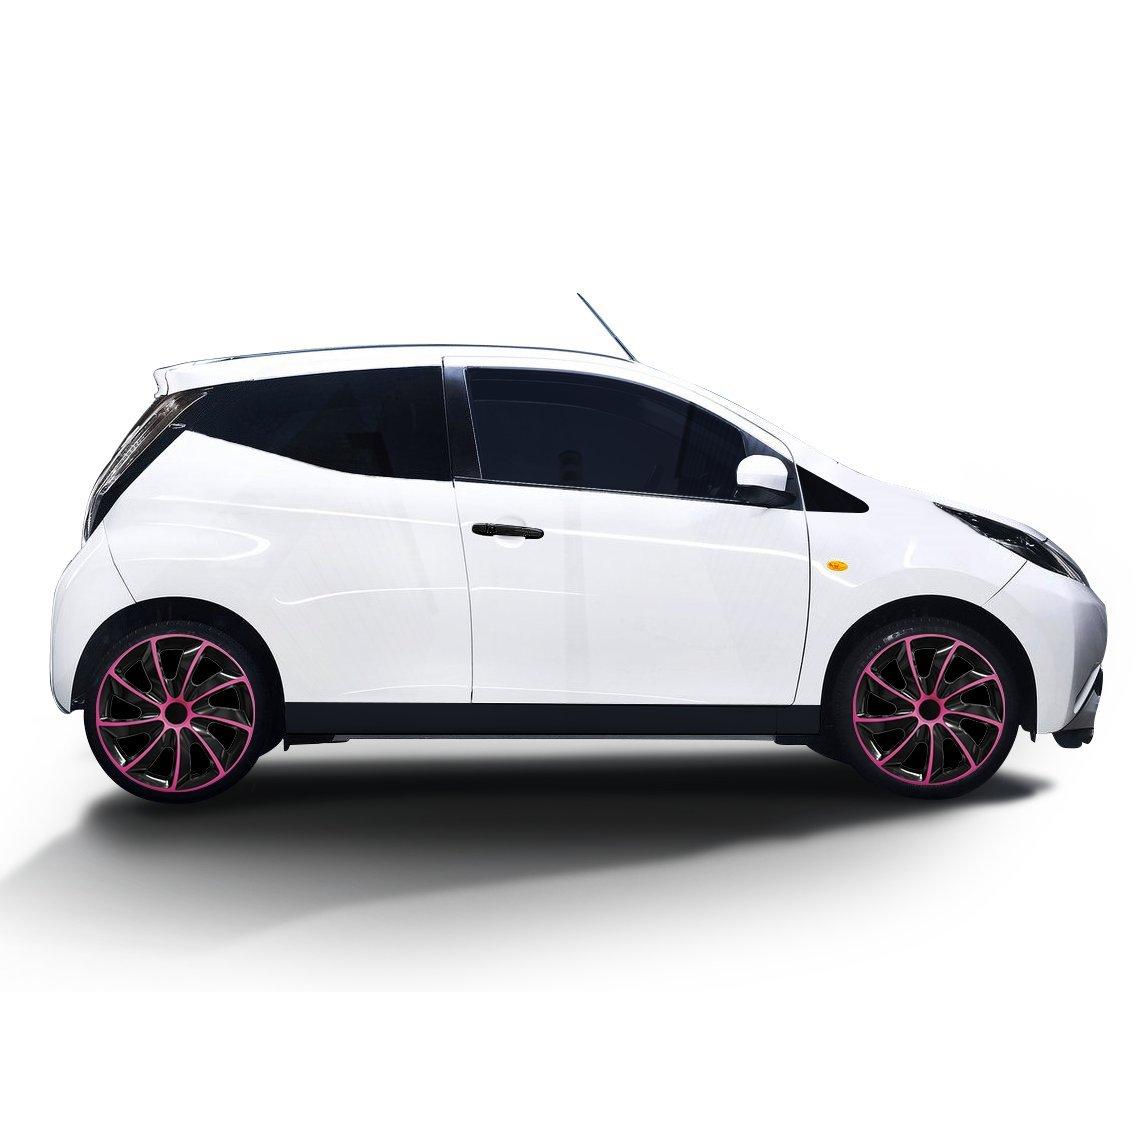 (diferentes tamaños) Tapacubos QUAD BICOLOR (Negro de color rosa) apto para casi todos los tipos de vehículos (universal) 1 pieza: Amazon.es: Coche y moto